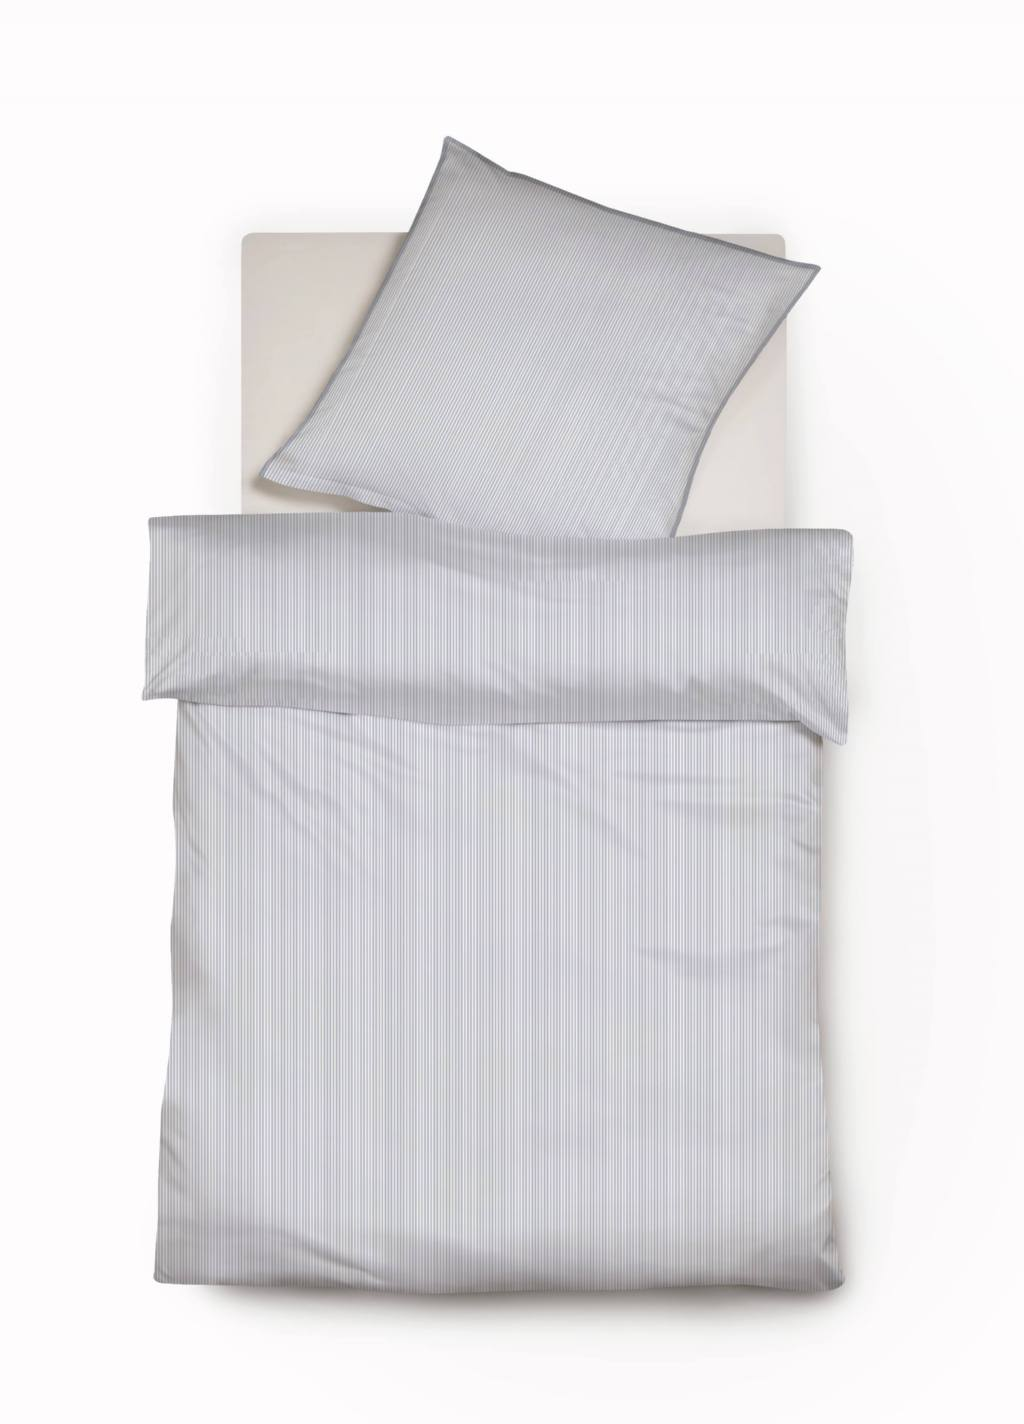 Edle weiß-blaue Nadelstreifen Bettwäsche mit Paspel-Kissen